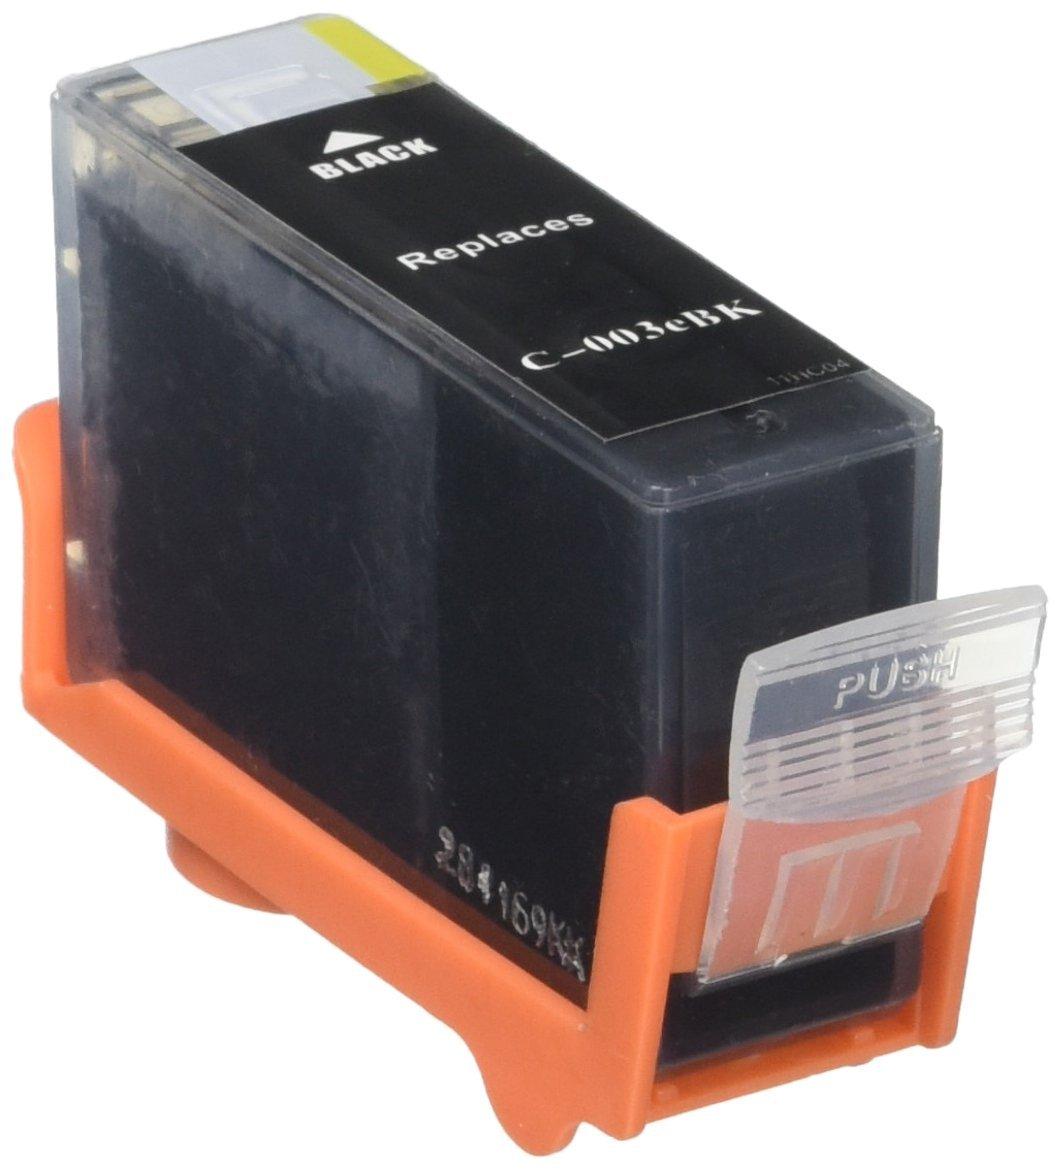 Hình ảnh tinh nhuệ eli75201 75201 JNK cartridge